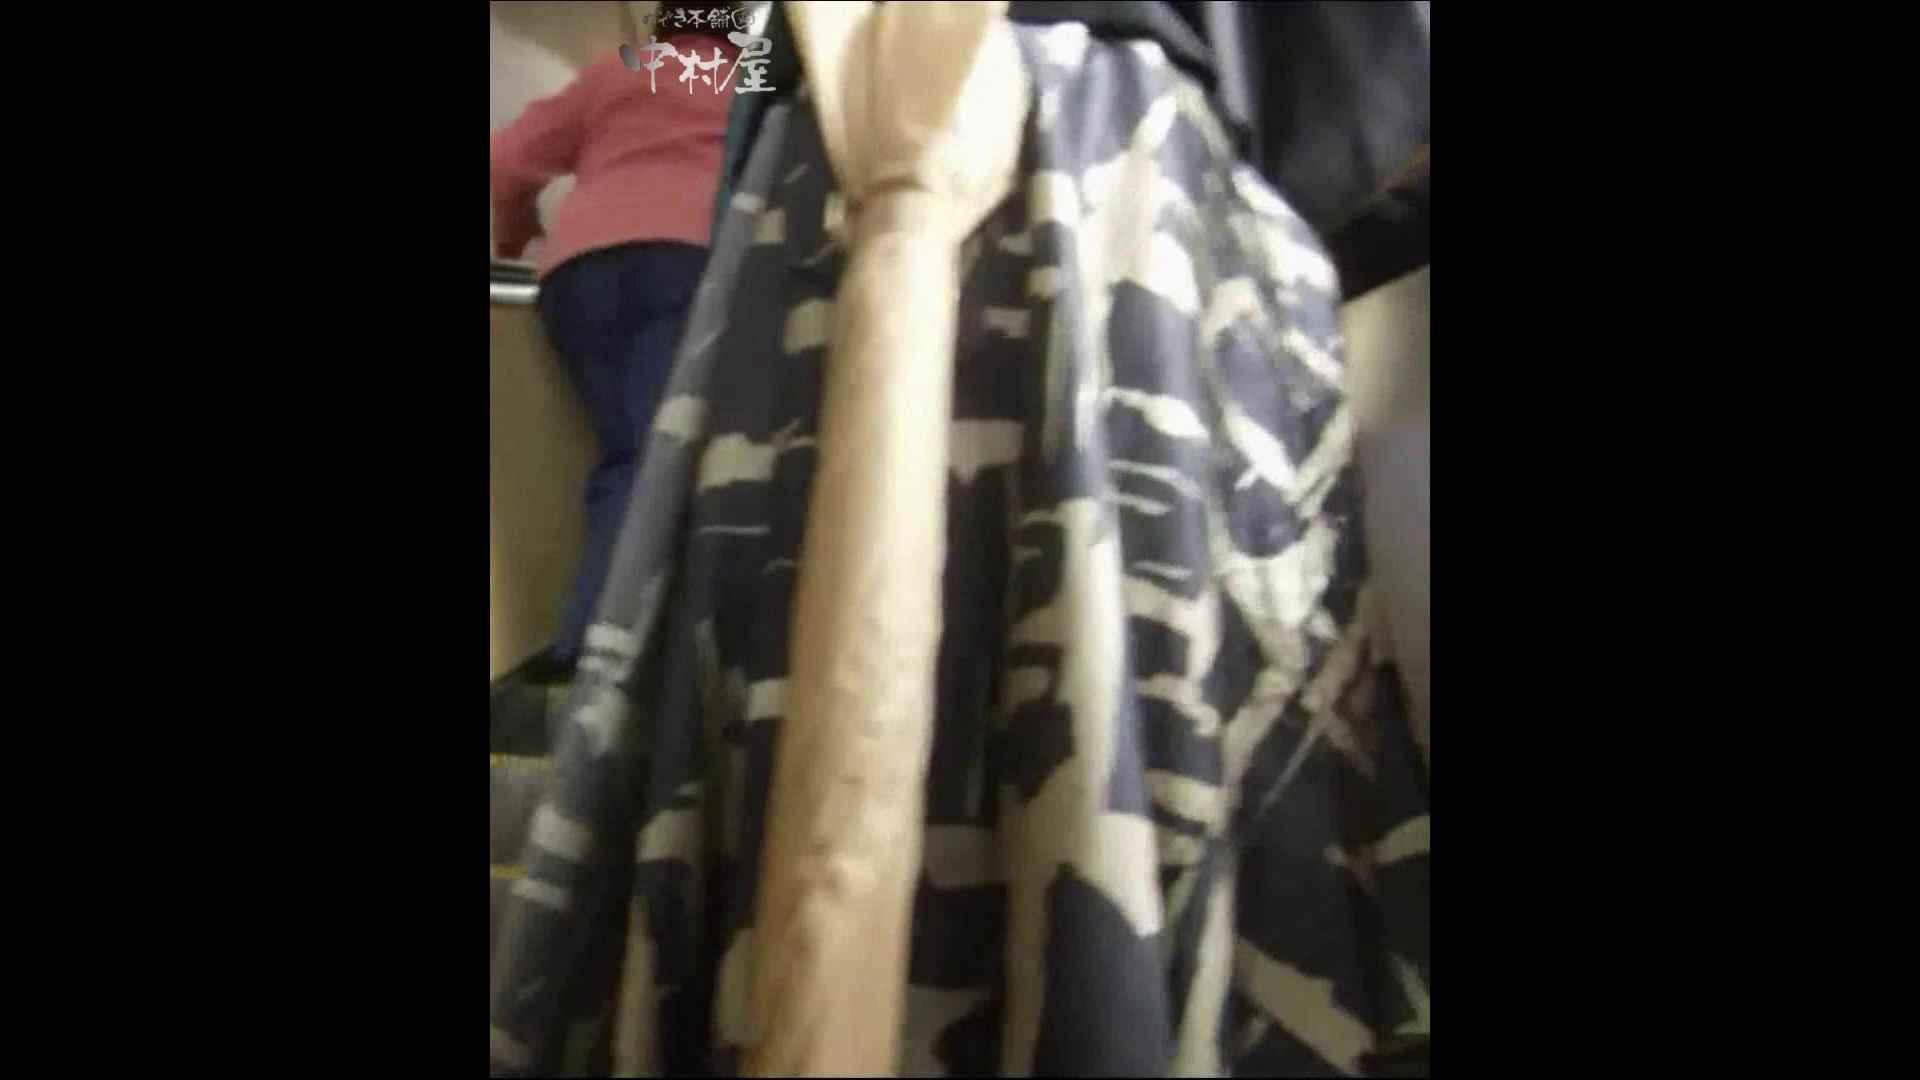 綺麗なモデルさんのスカート捲っちゃおう‼ vol16 OLセックス  100画像 76